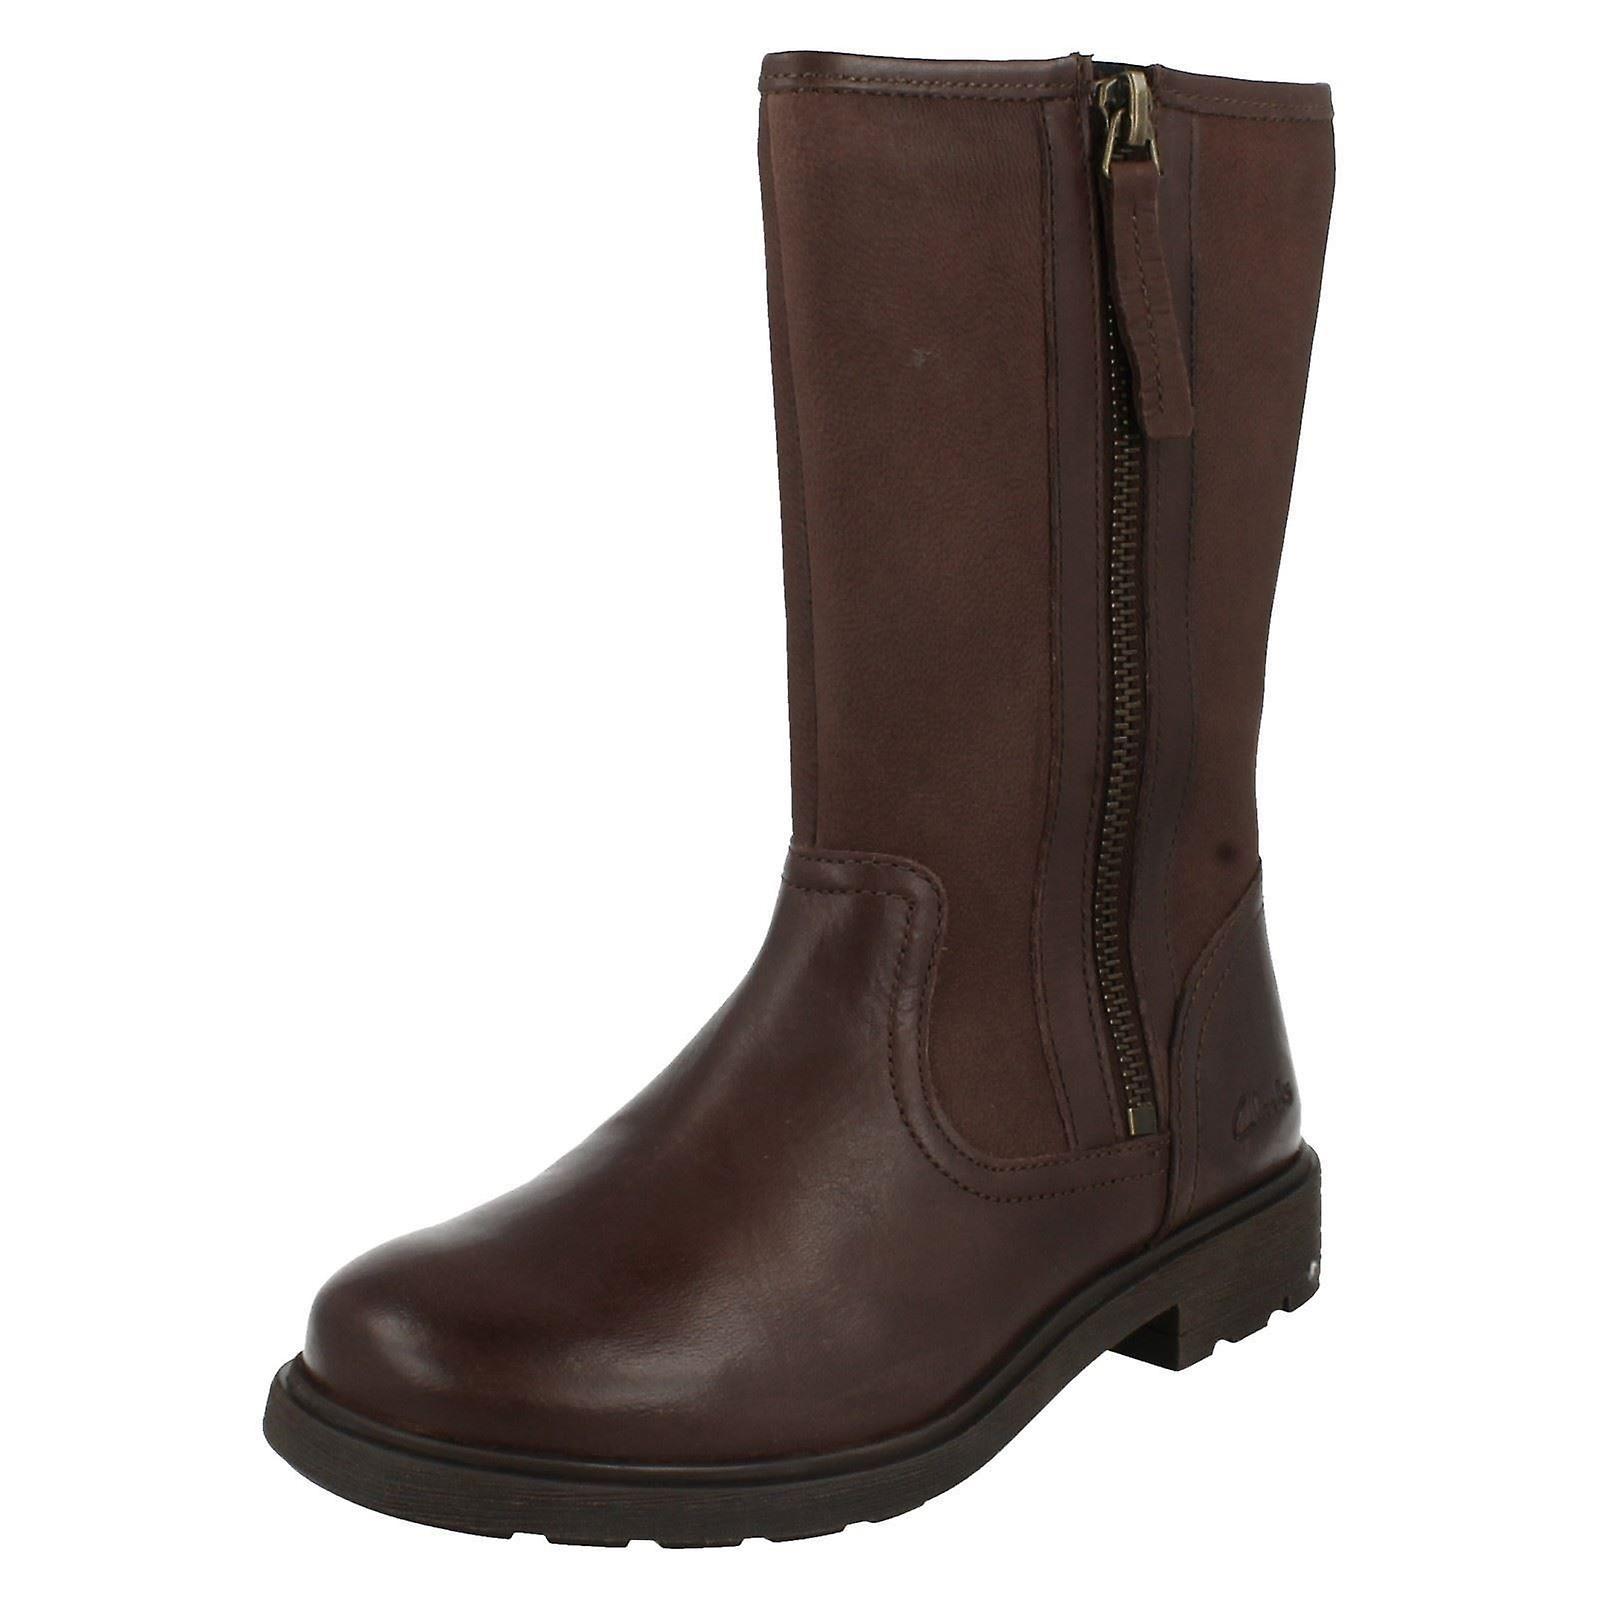 Girls Clarks bottes Ines Rain marron Taille 7.5 F